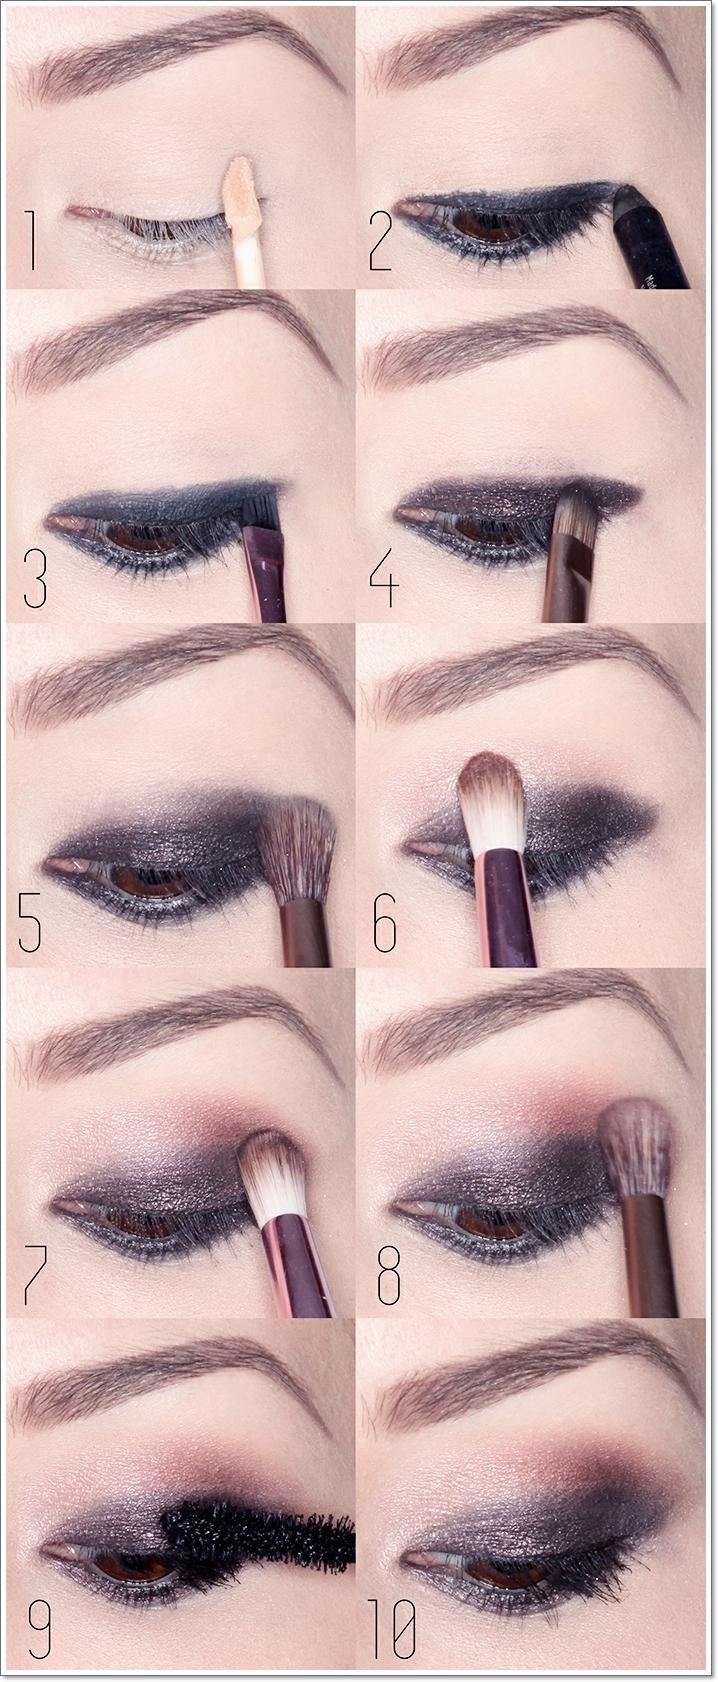 tuto maquillage yeux marrons, étapes à suivre, crayon noir, mascara noir, maquillage smoky